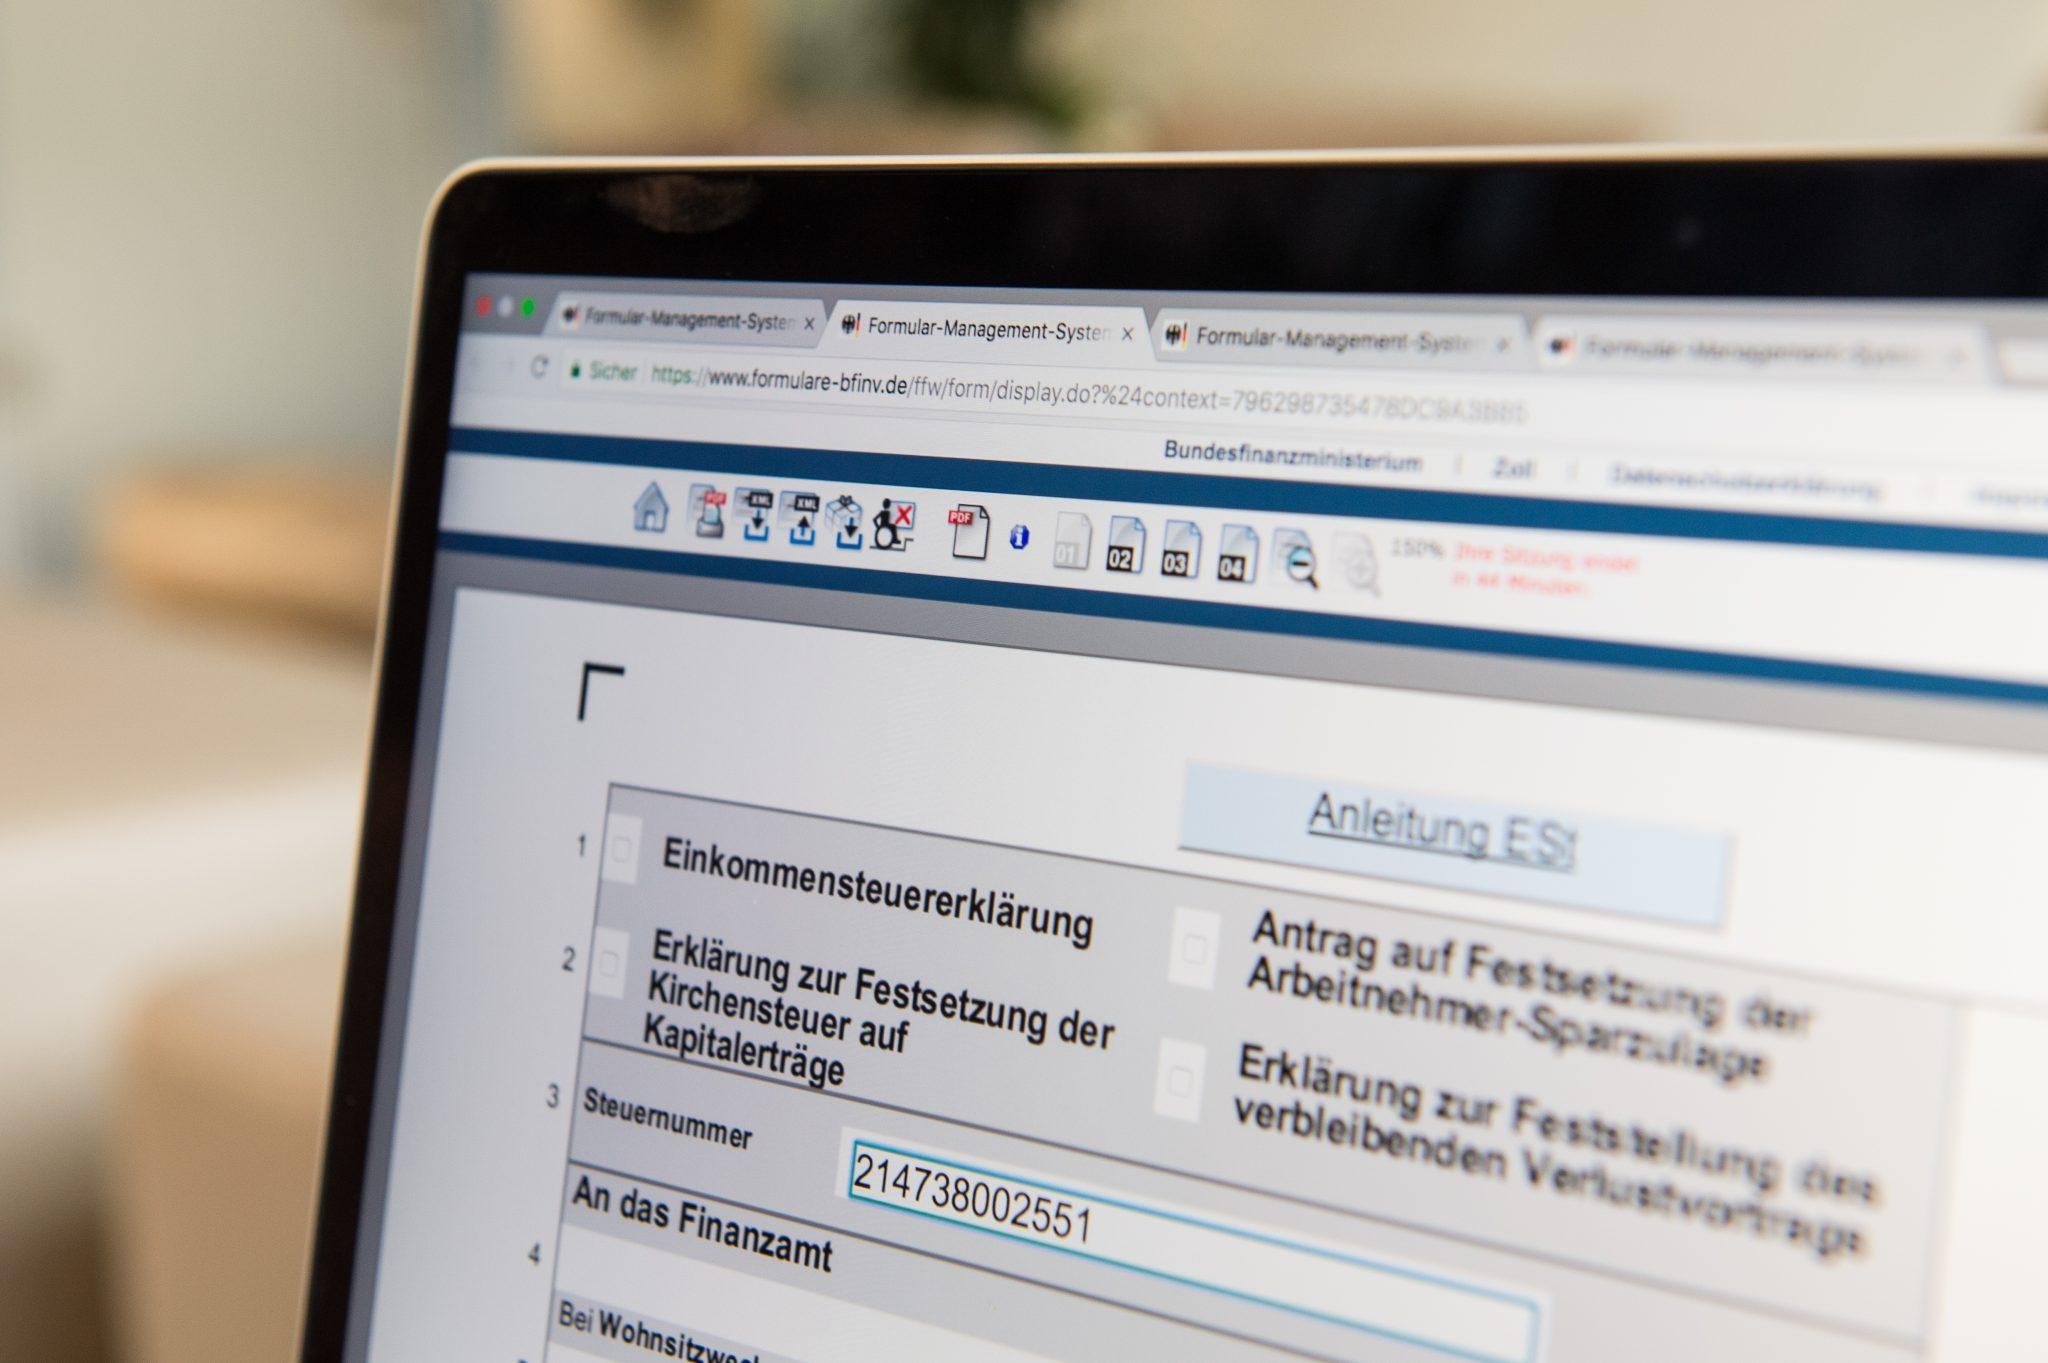 Steuerformular: Steuer-ID wird für Personenkennzahl benötigt